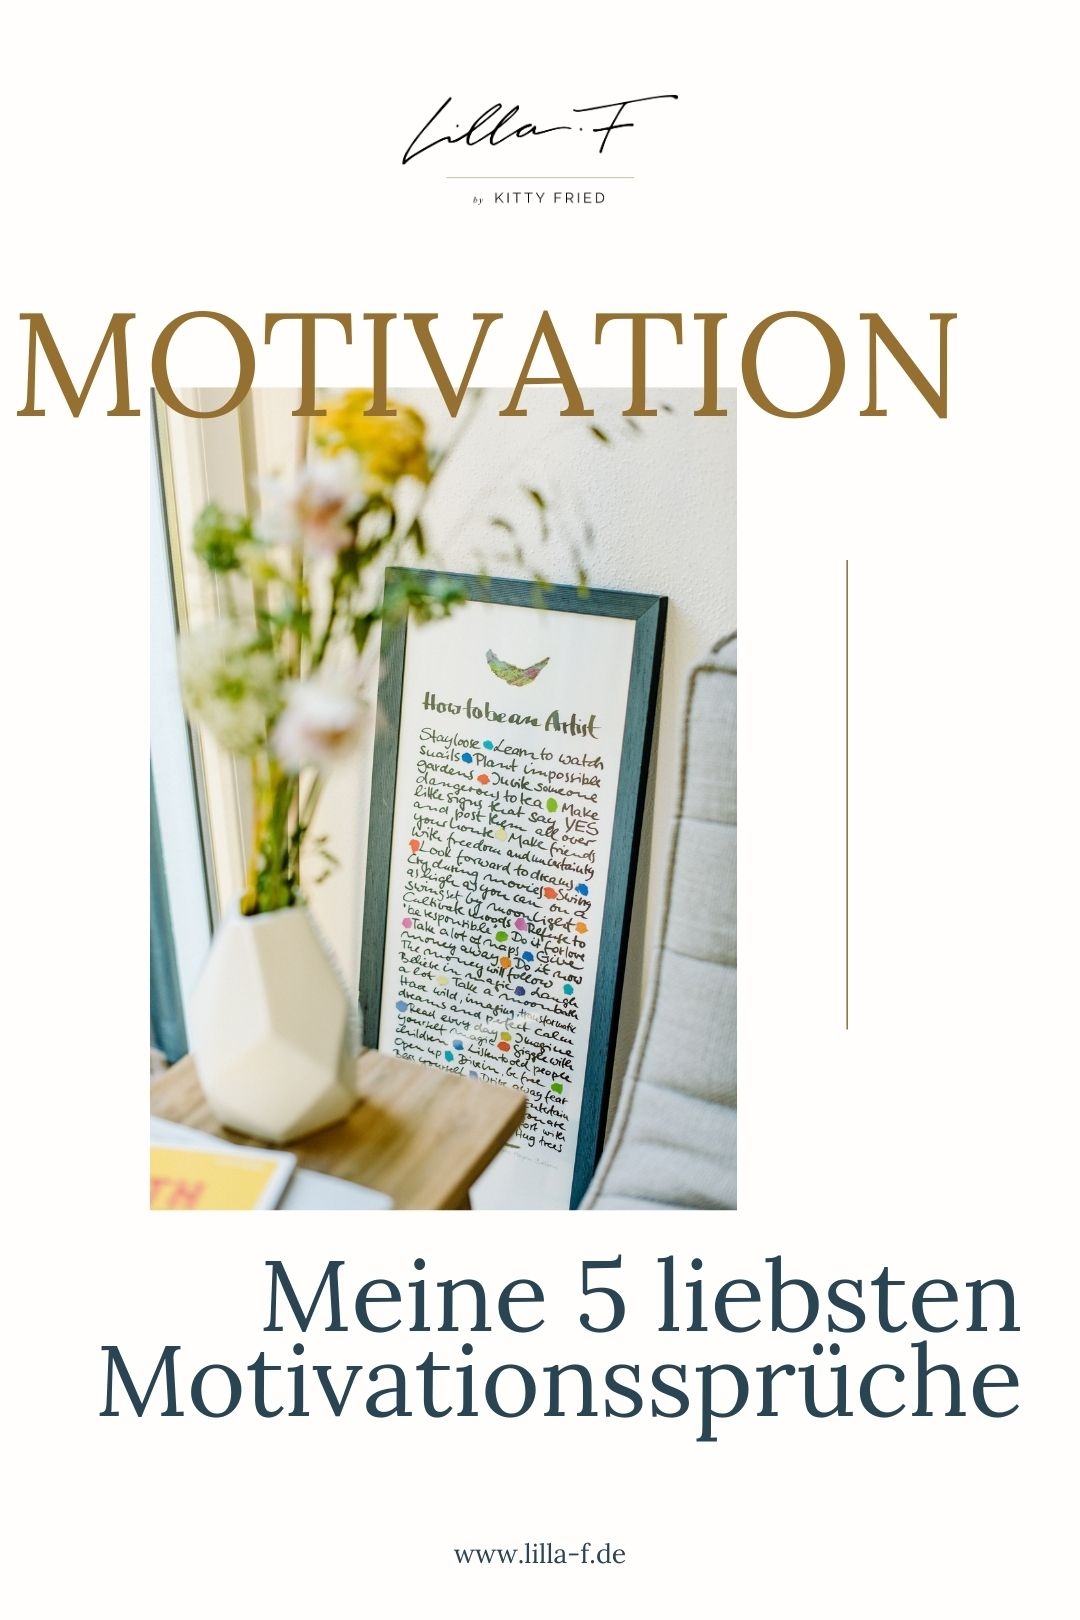 Motivation - Meine 5 liebsten Motivationssprüche